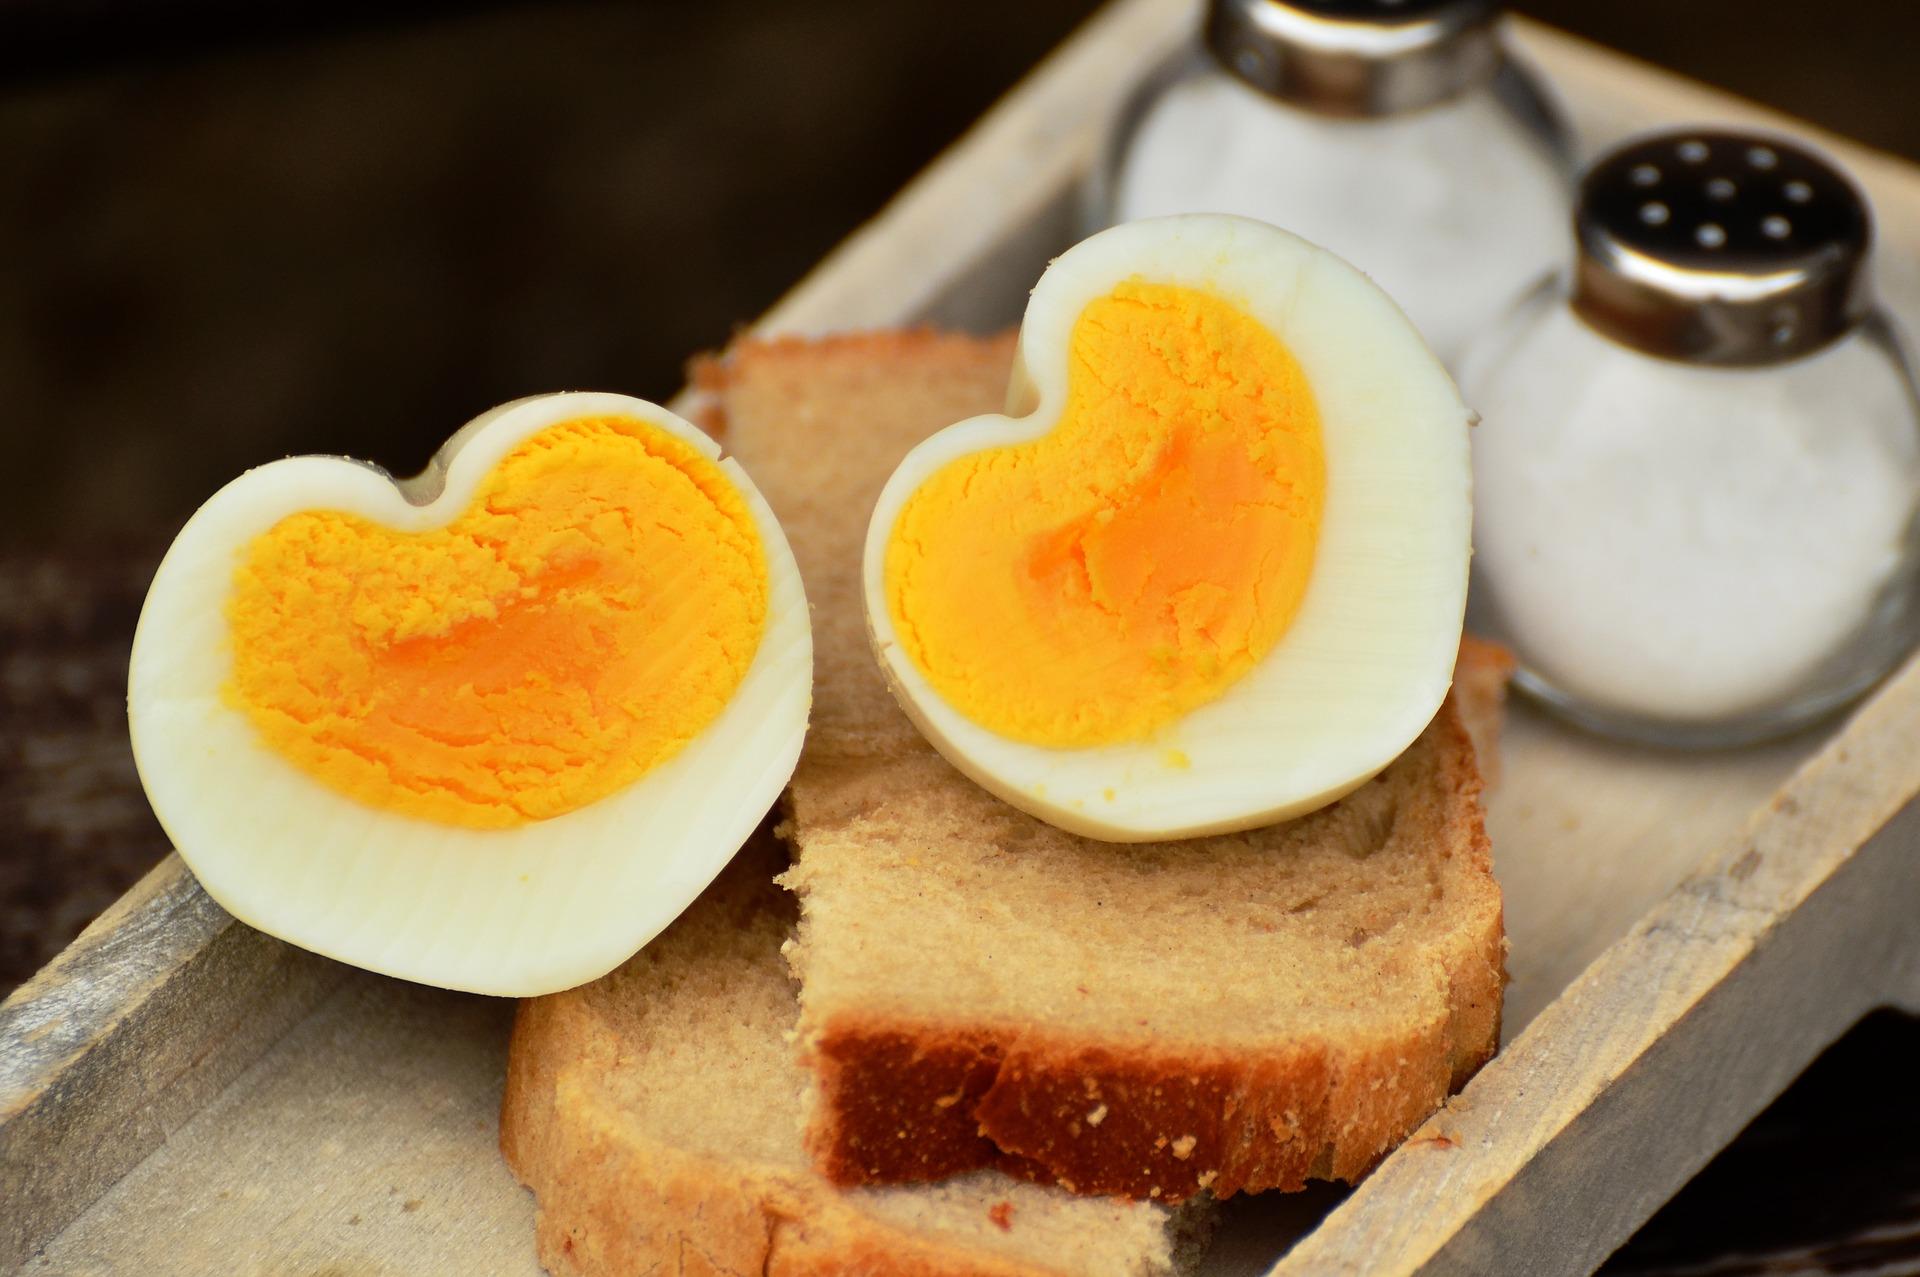 Eieren en boterhammen zijn rijk aan eiwitten.